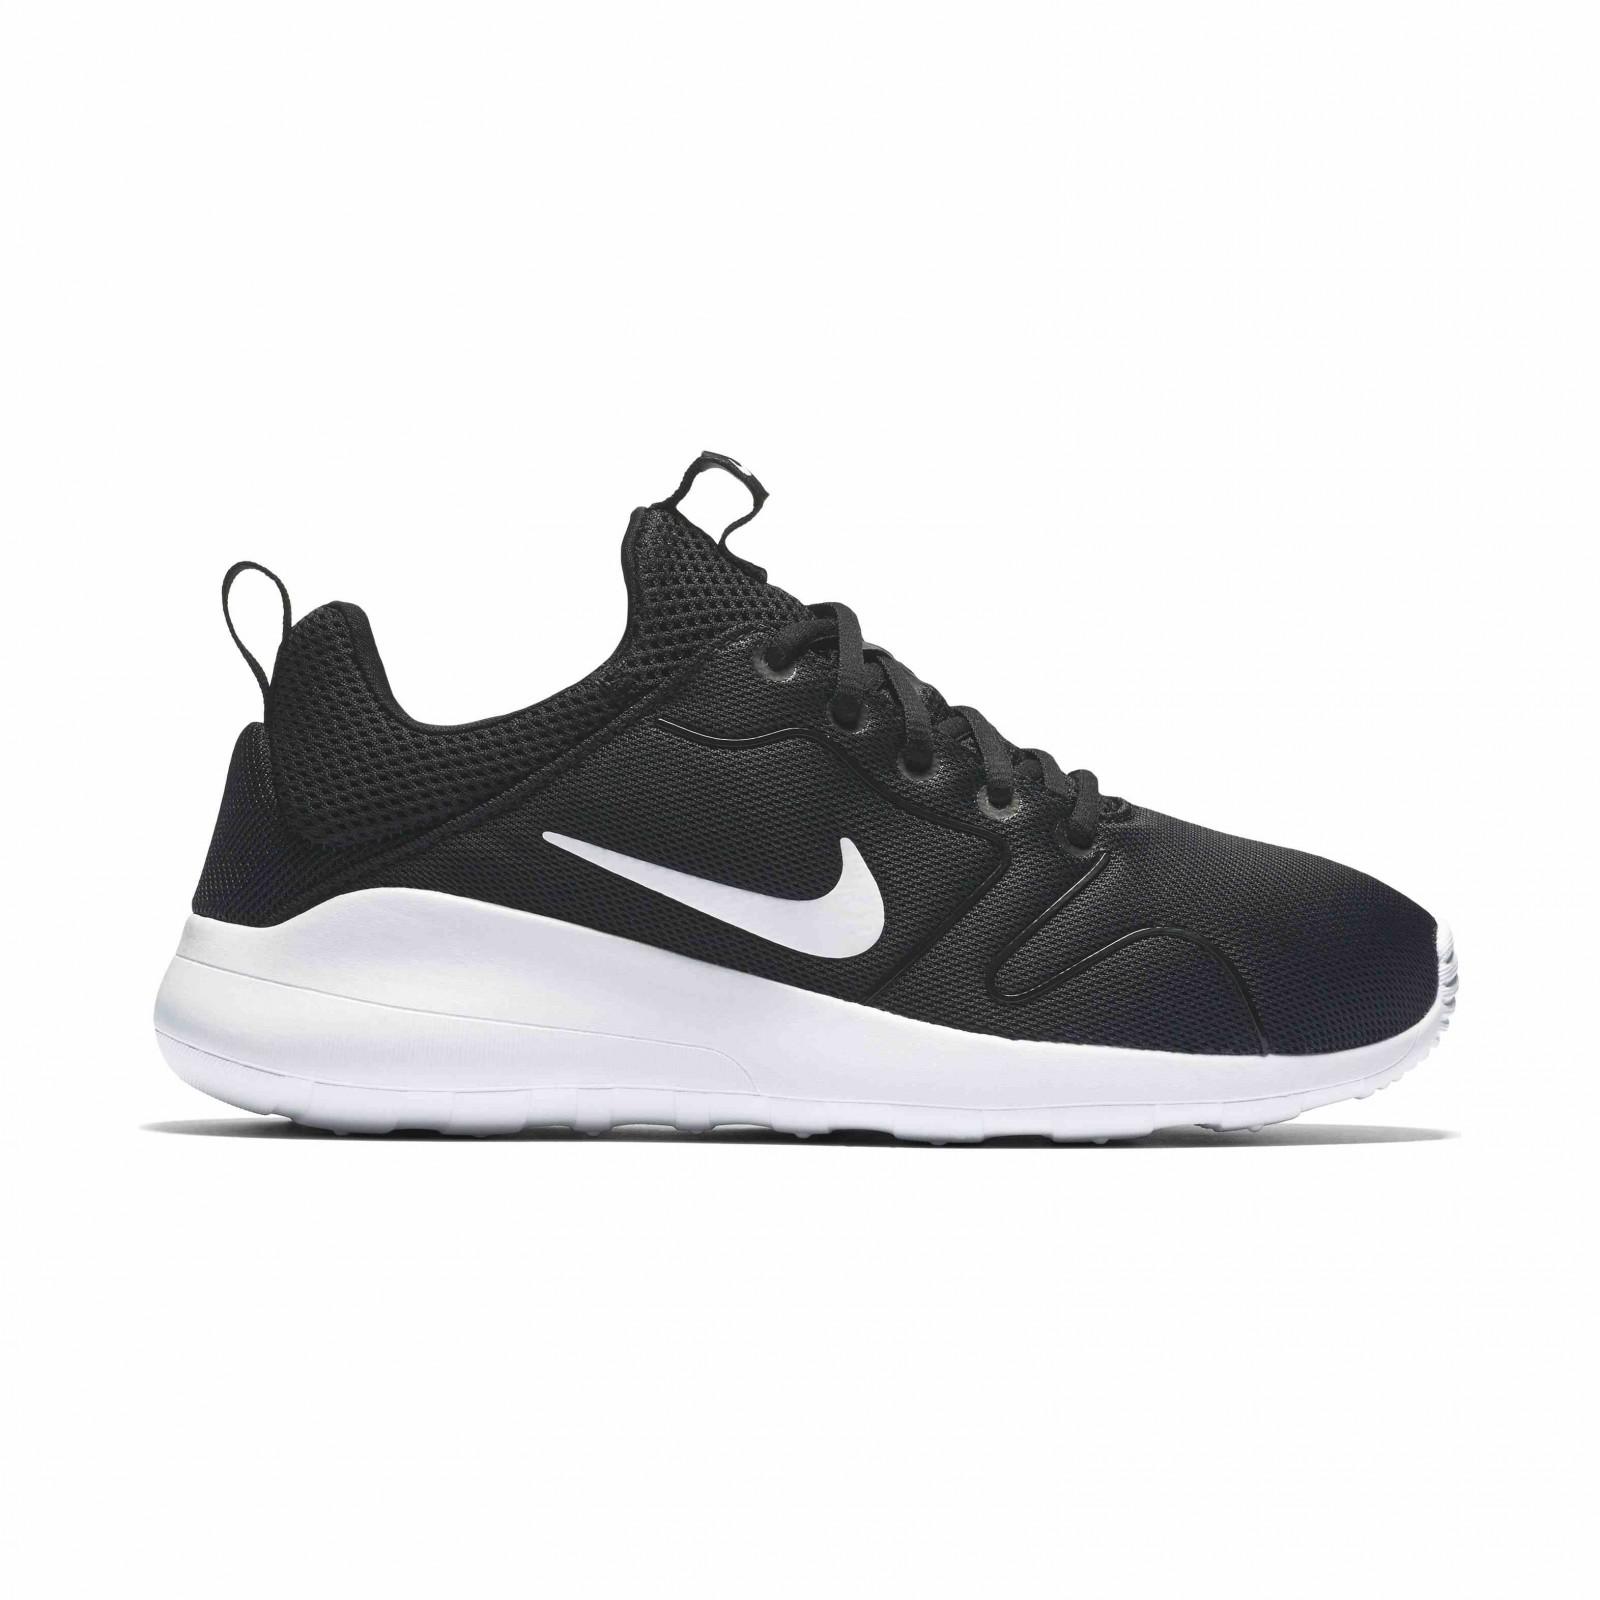 3aeafe075b8 Dámské tenisky Nike WMNS KAISHI 2.0